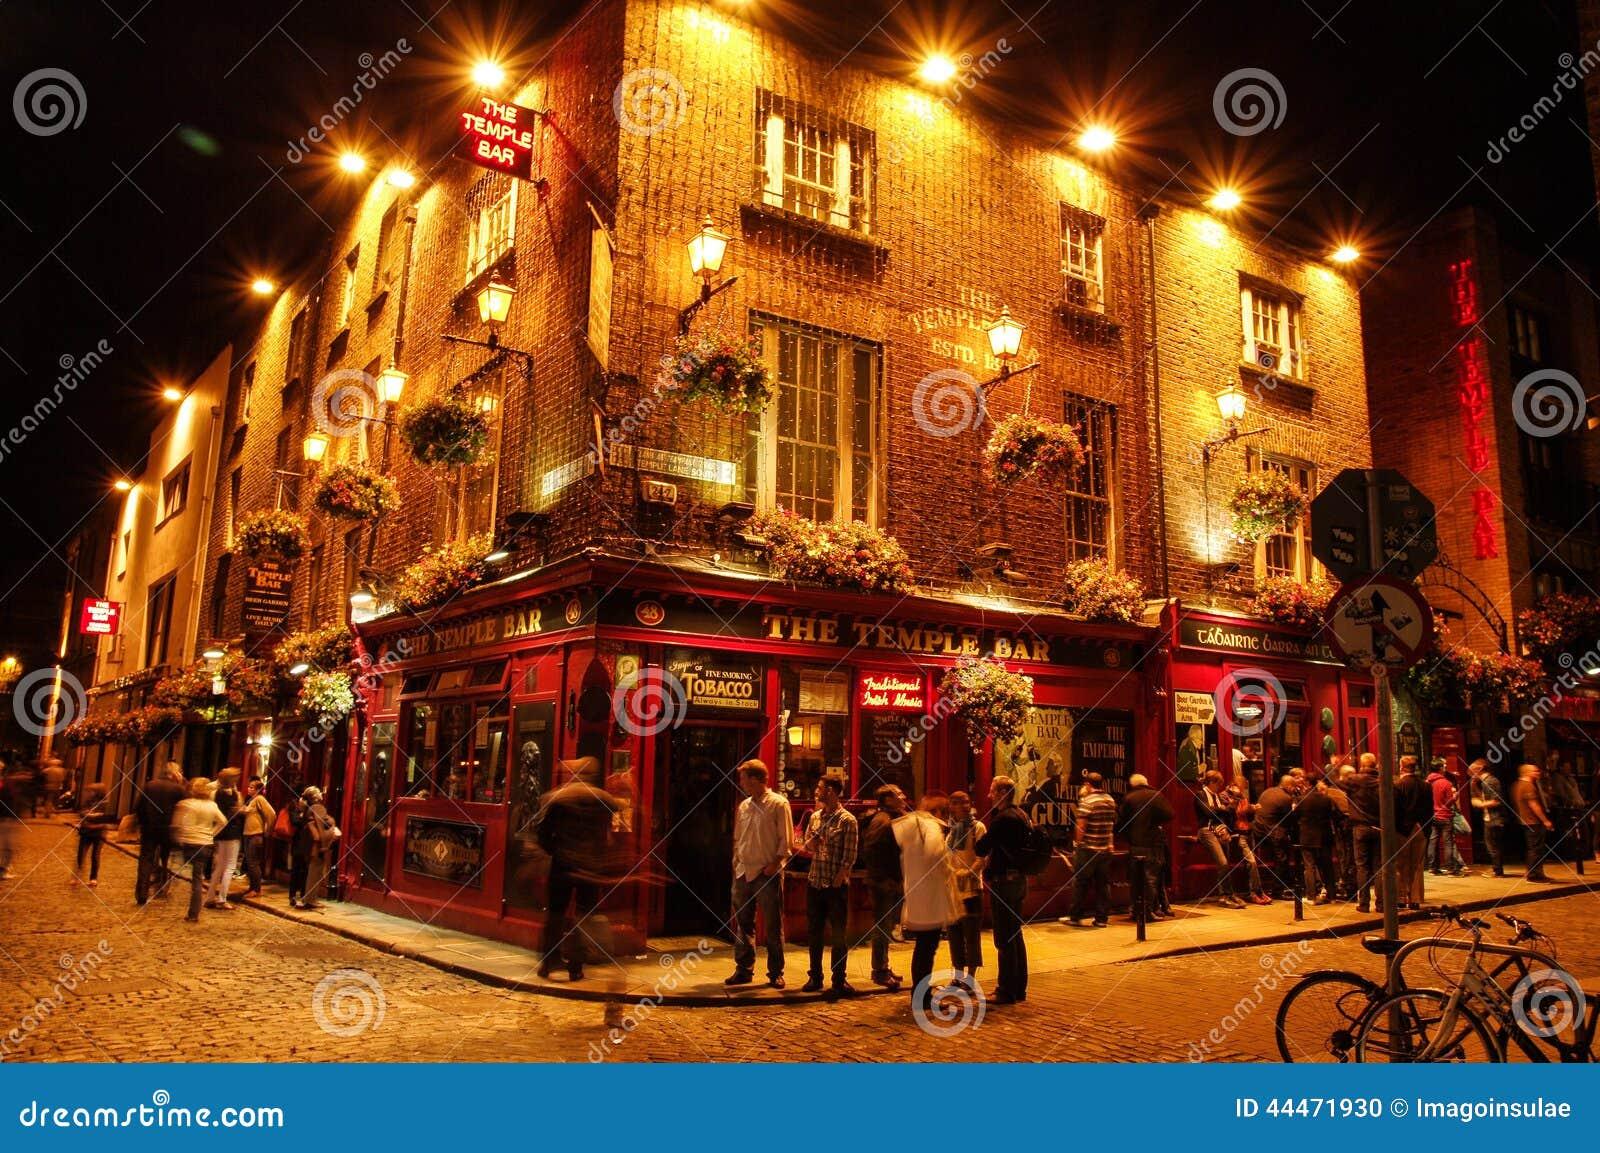 Ireland. Dublin. Temple Bar